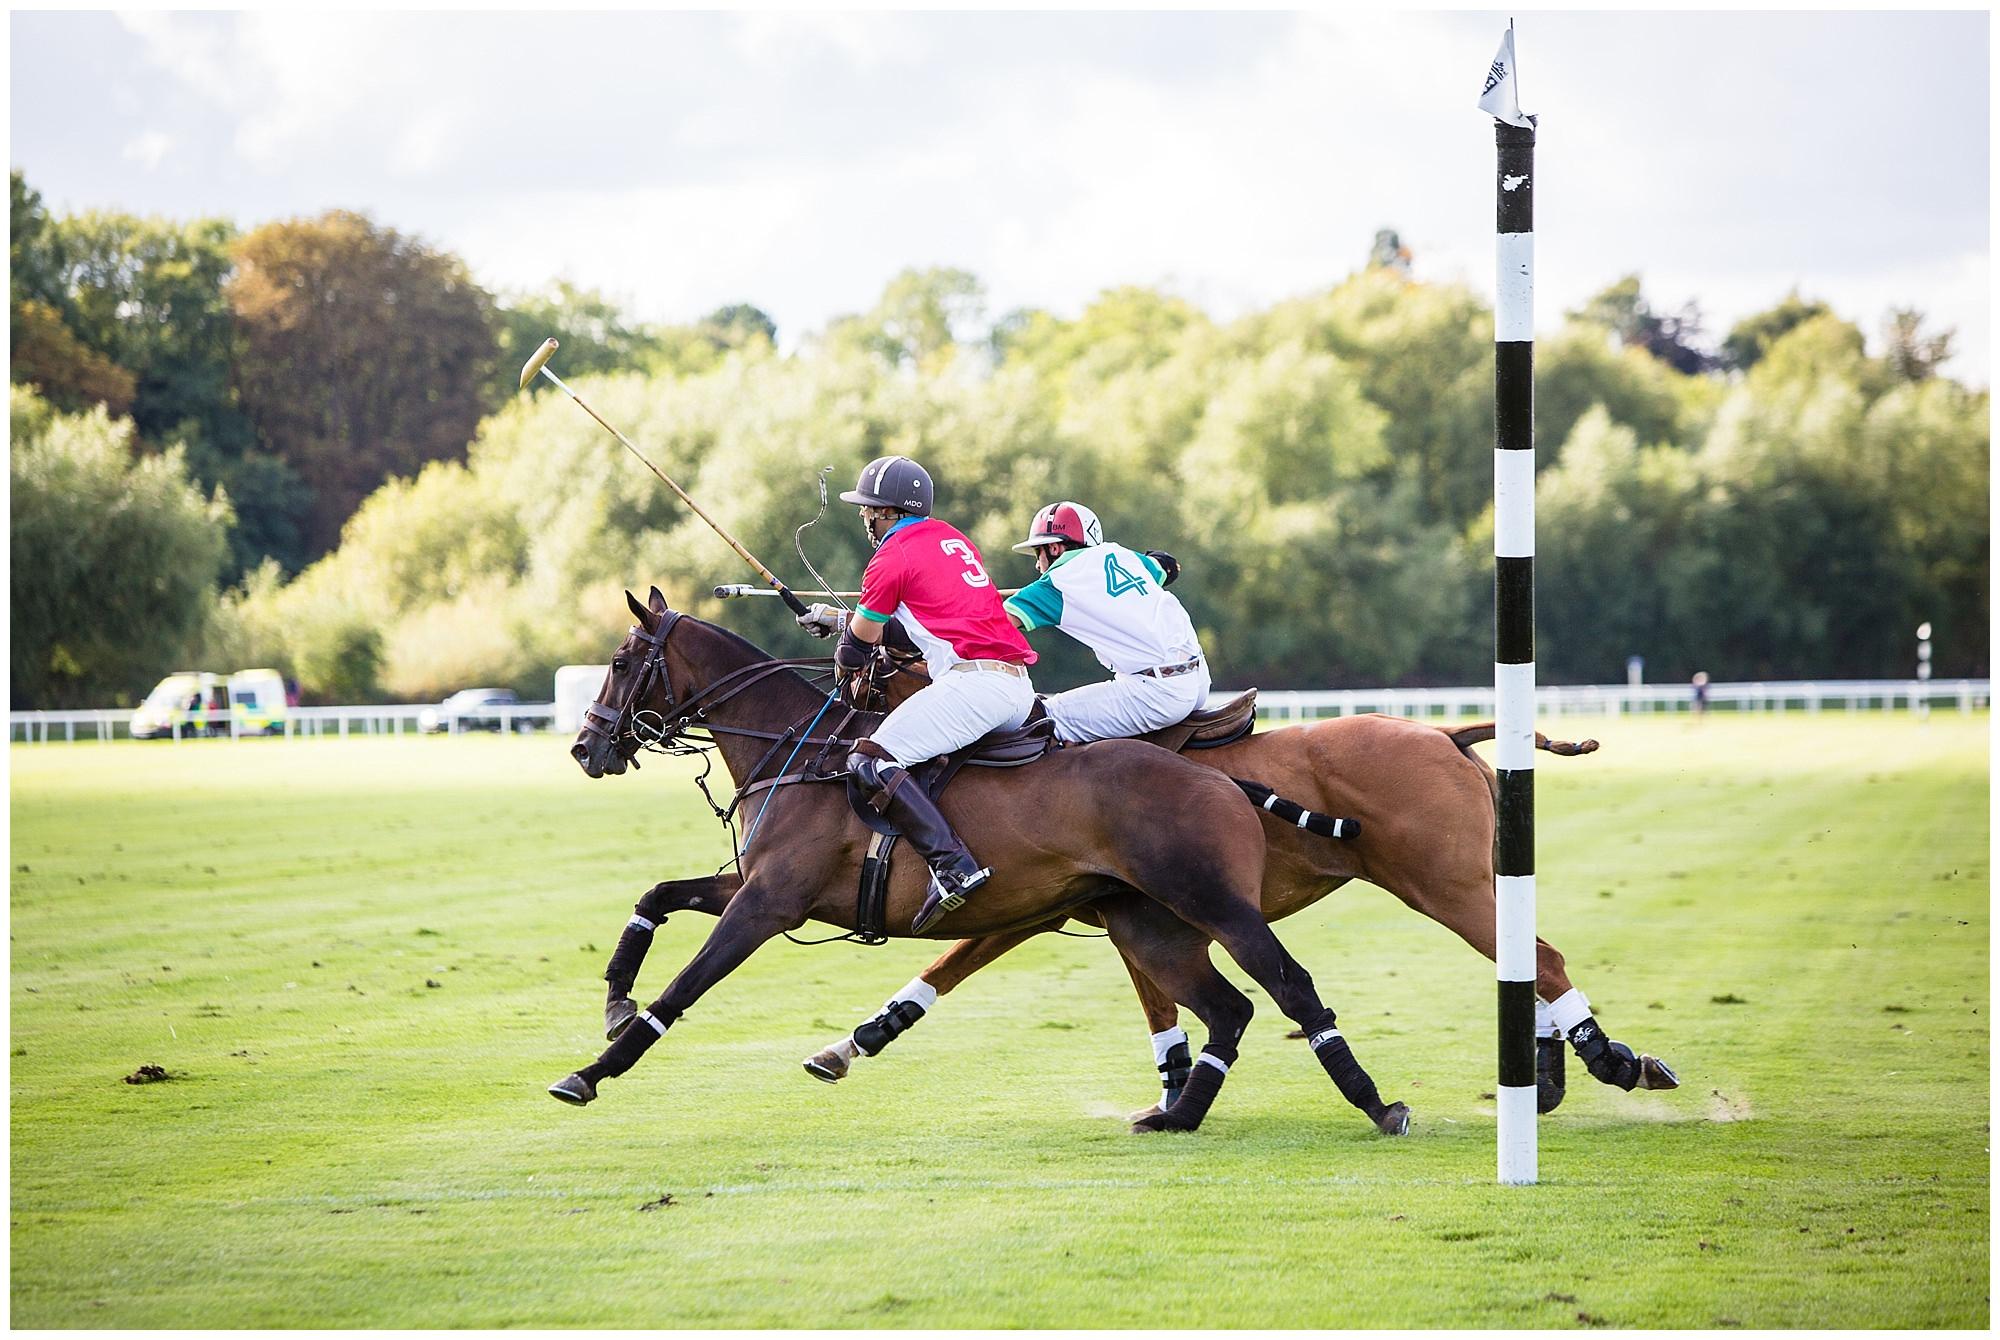 polo action scoring a goal - chester race course action